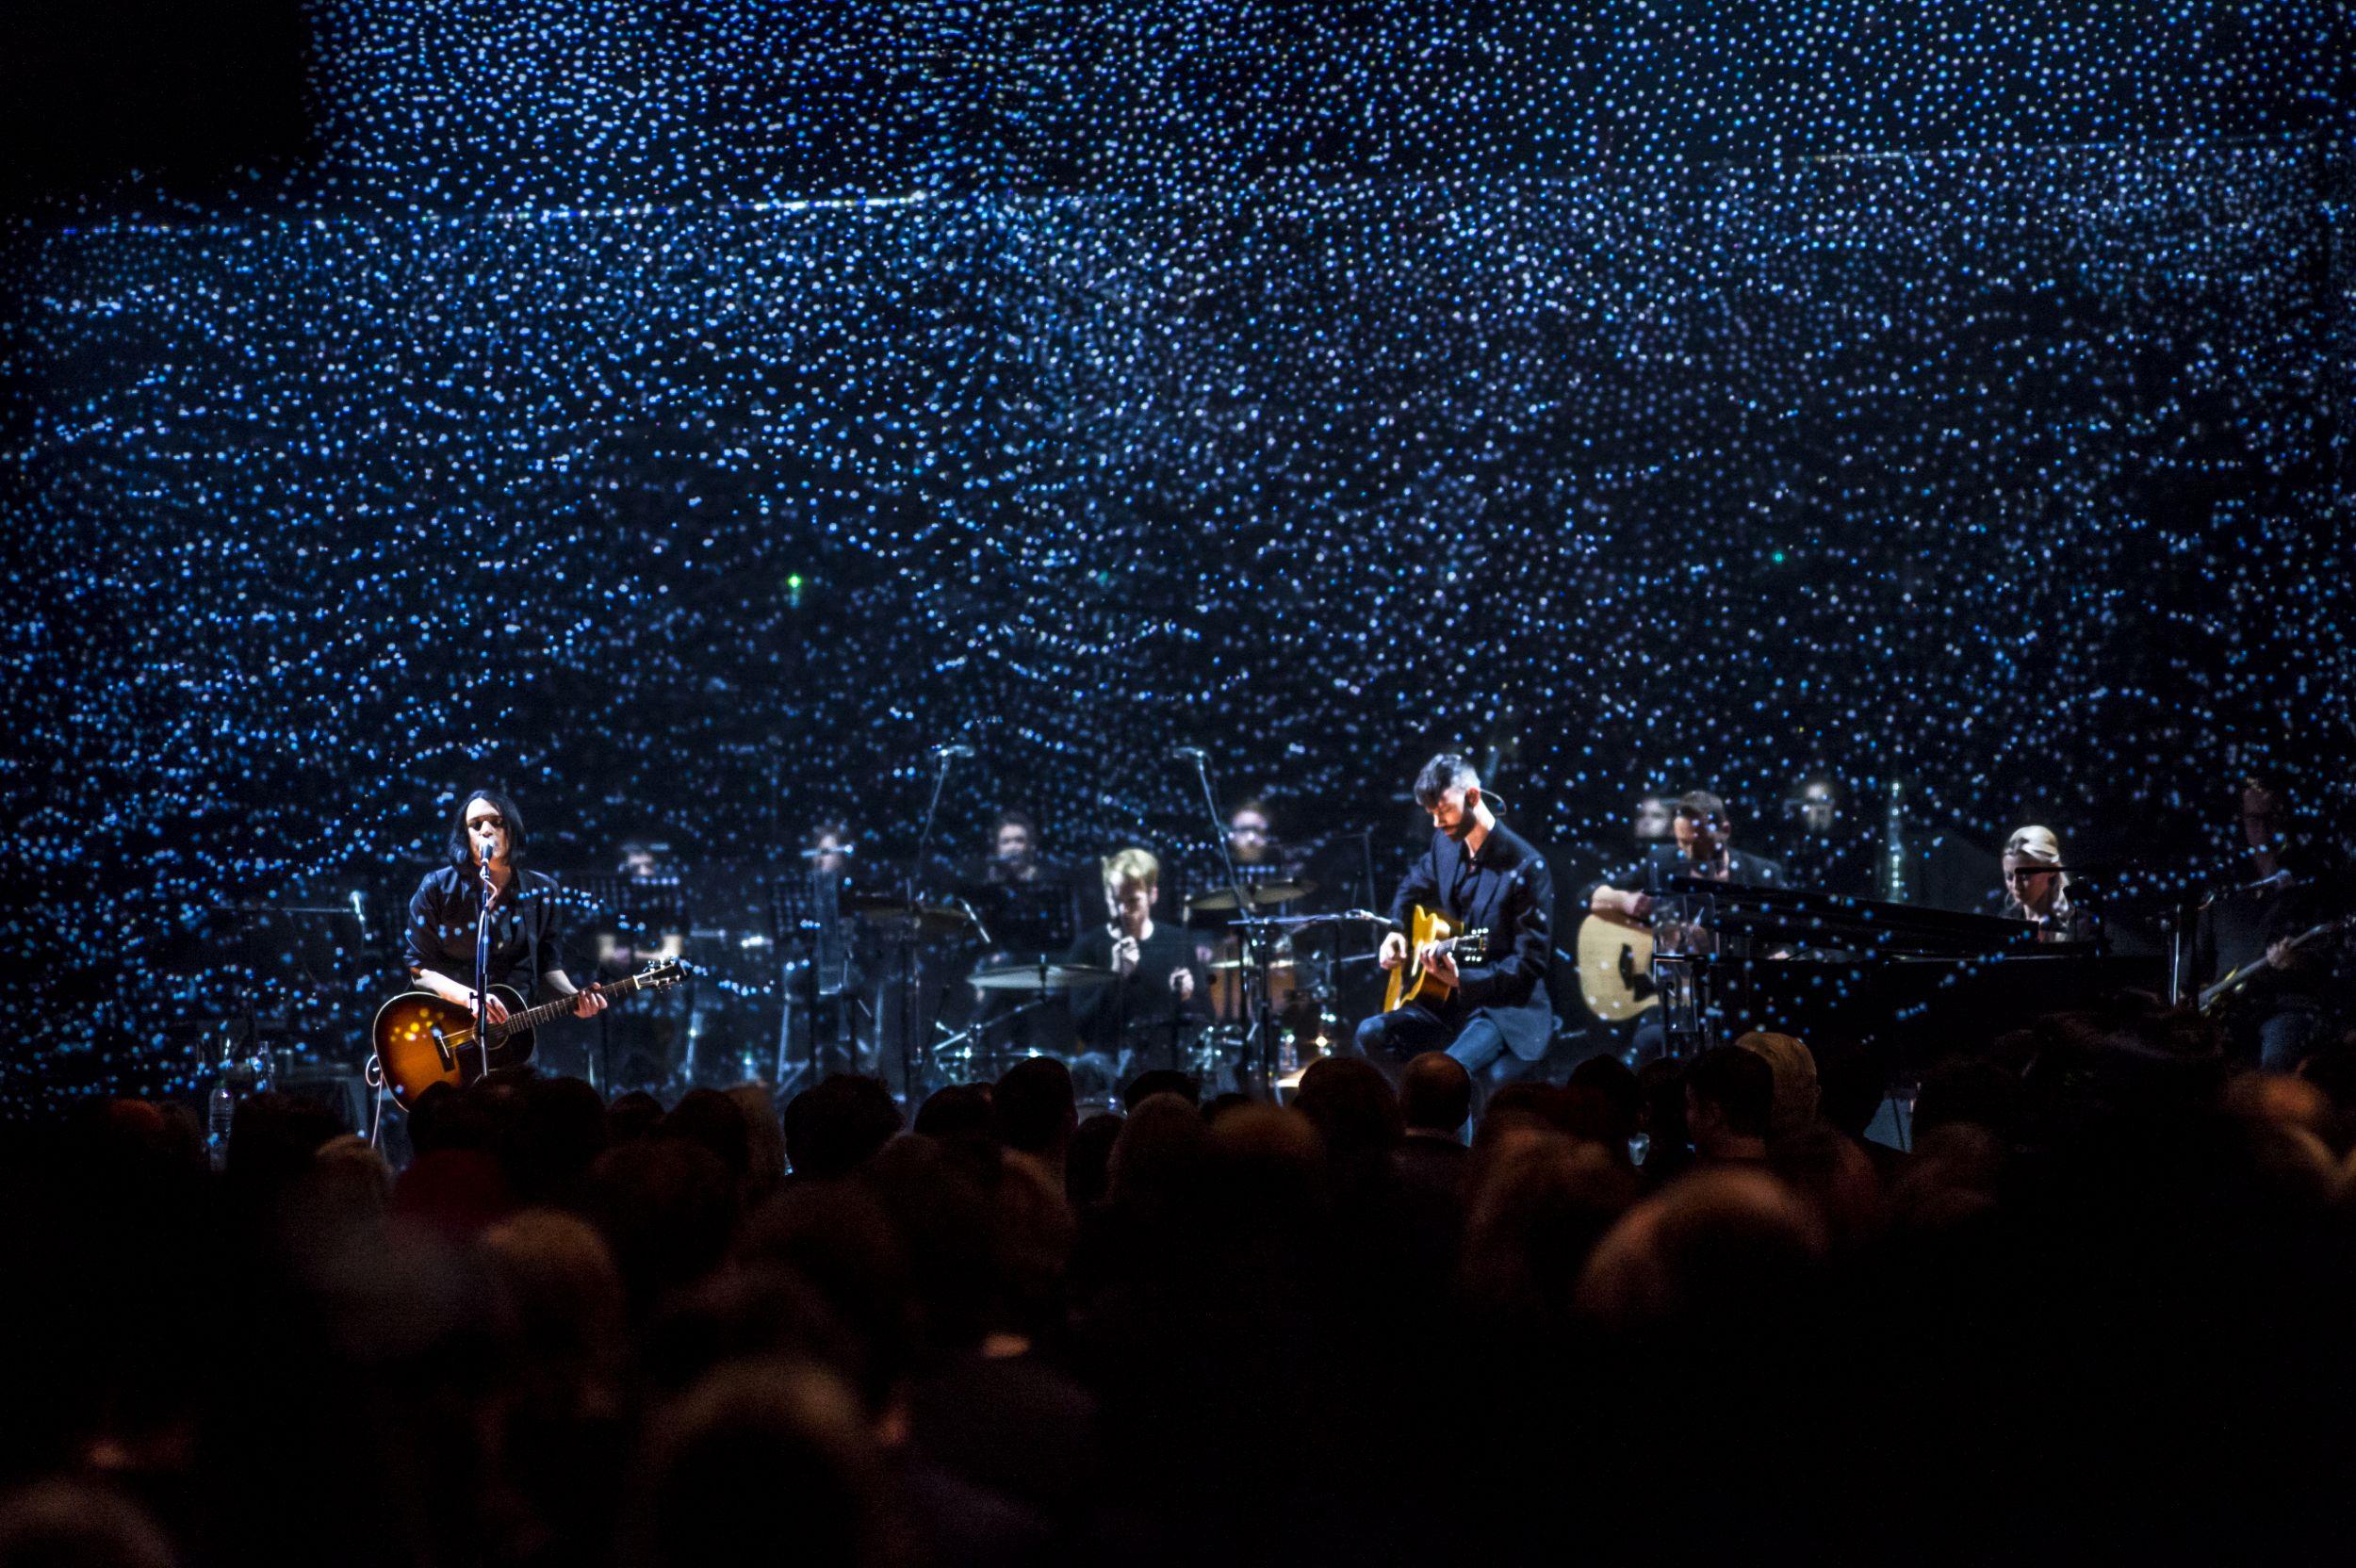 Mit stimmigen visuellen Effekten untermalen Placebo ihre Performance. Bild: Universal Music Enterprises